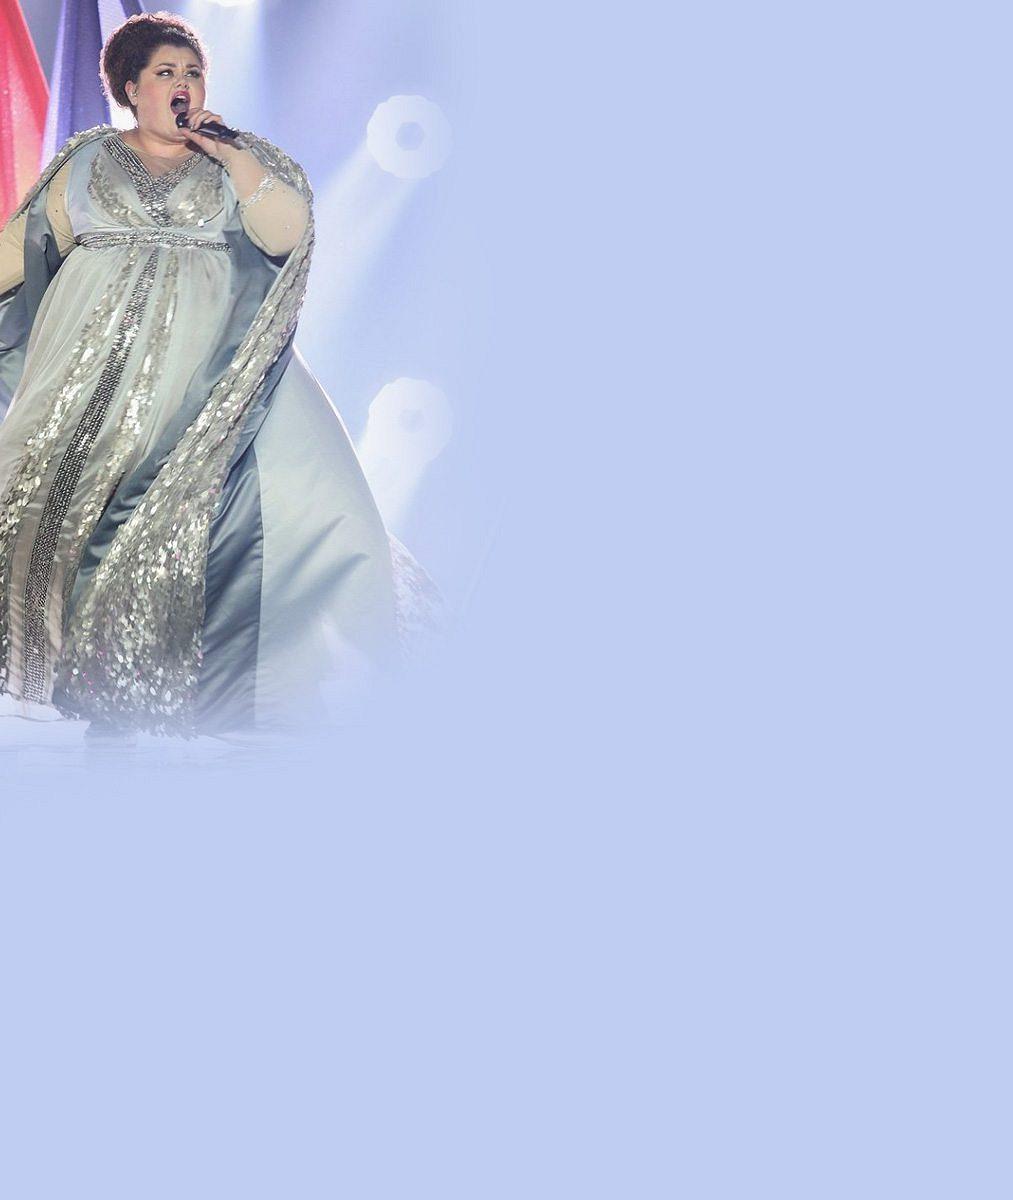 Kde už jsme jenom obézní srbskou favoritku Eurovize viděli? Je to celá Droběna z pohádky o Popelce!